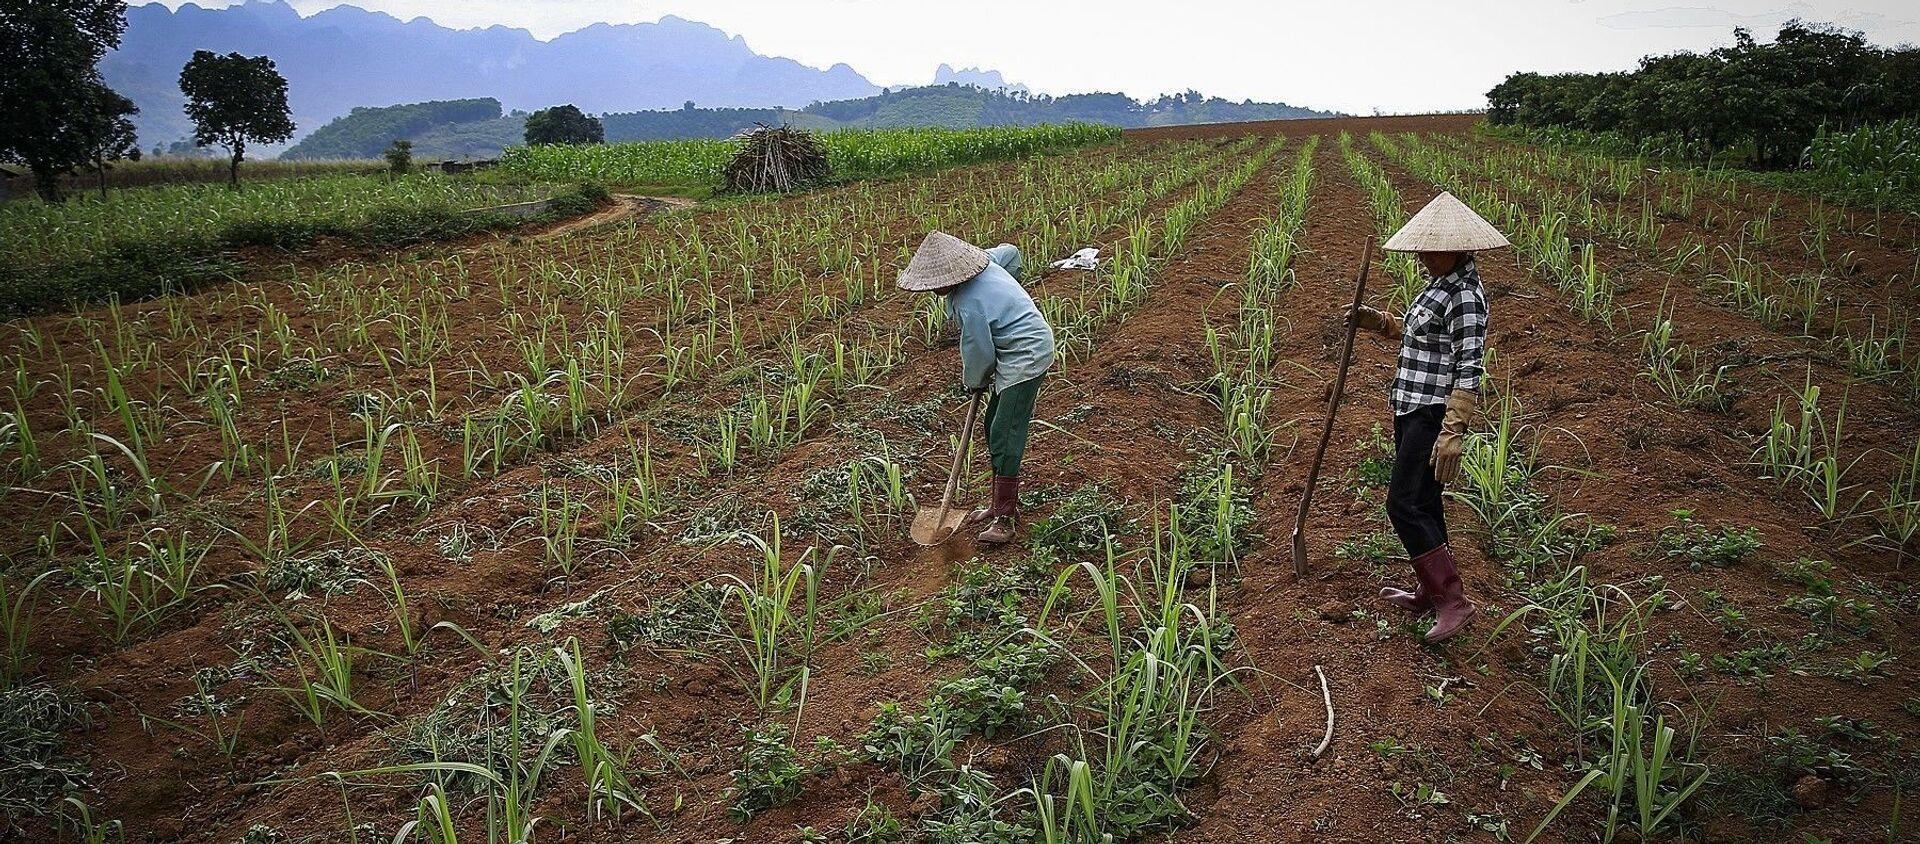 Những cánh đồng đang được những người nông dân trồng mía ở xã Mỹ Hòa - Tân Lạc. - Sputnik Việt Nam, 1920, 16.06.2021